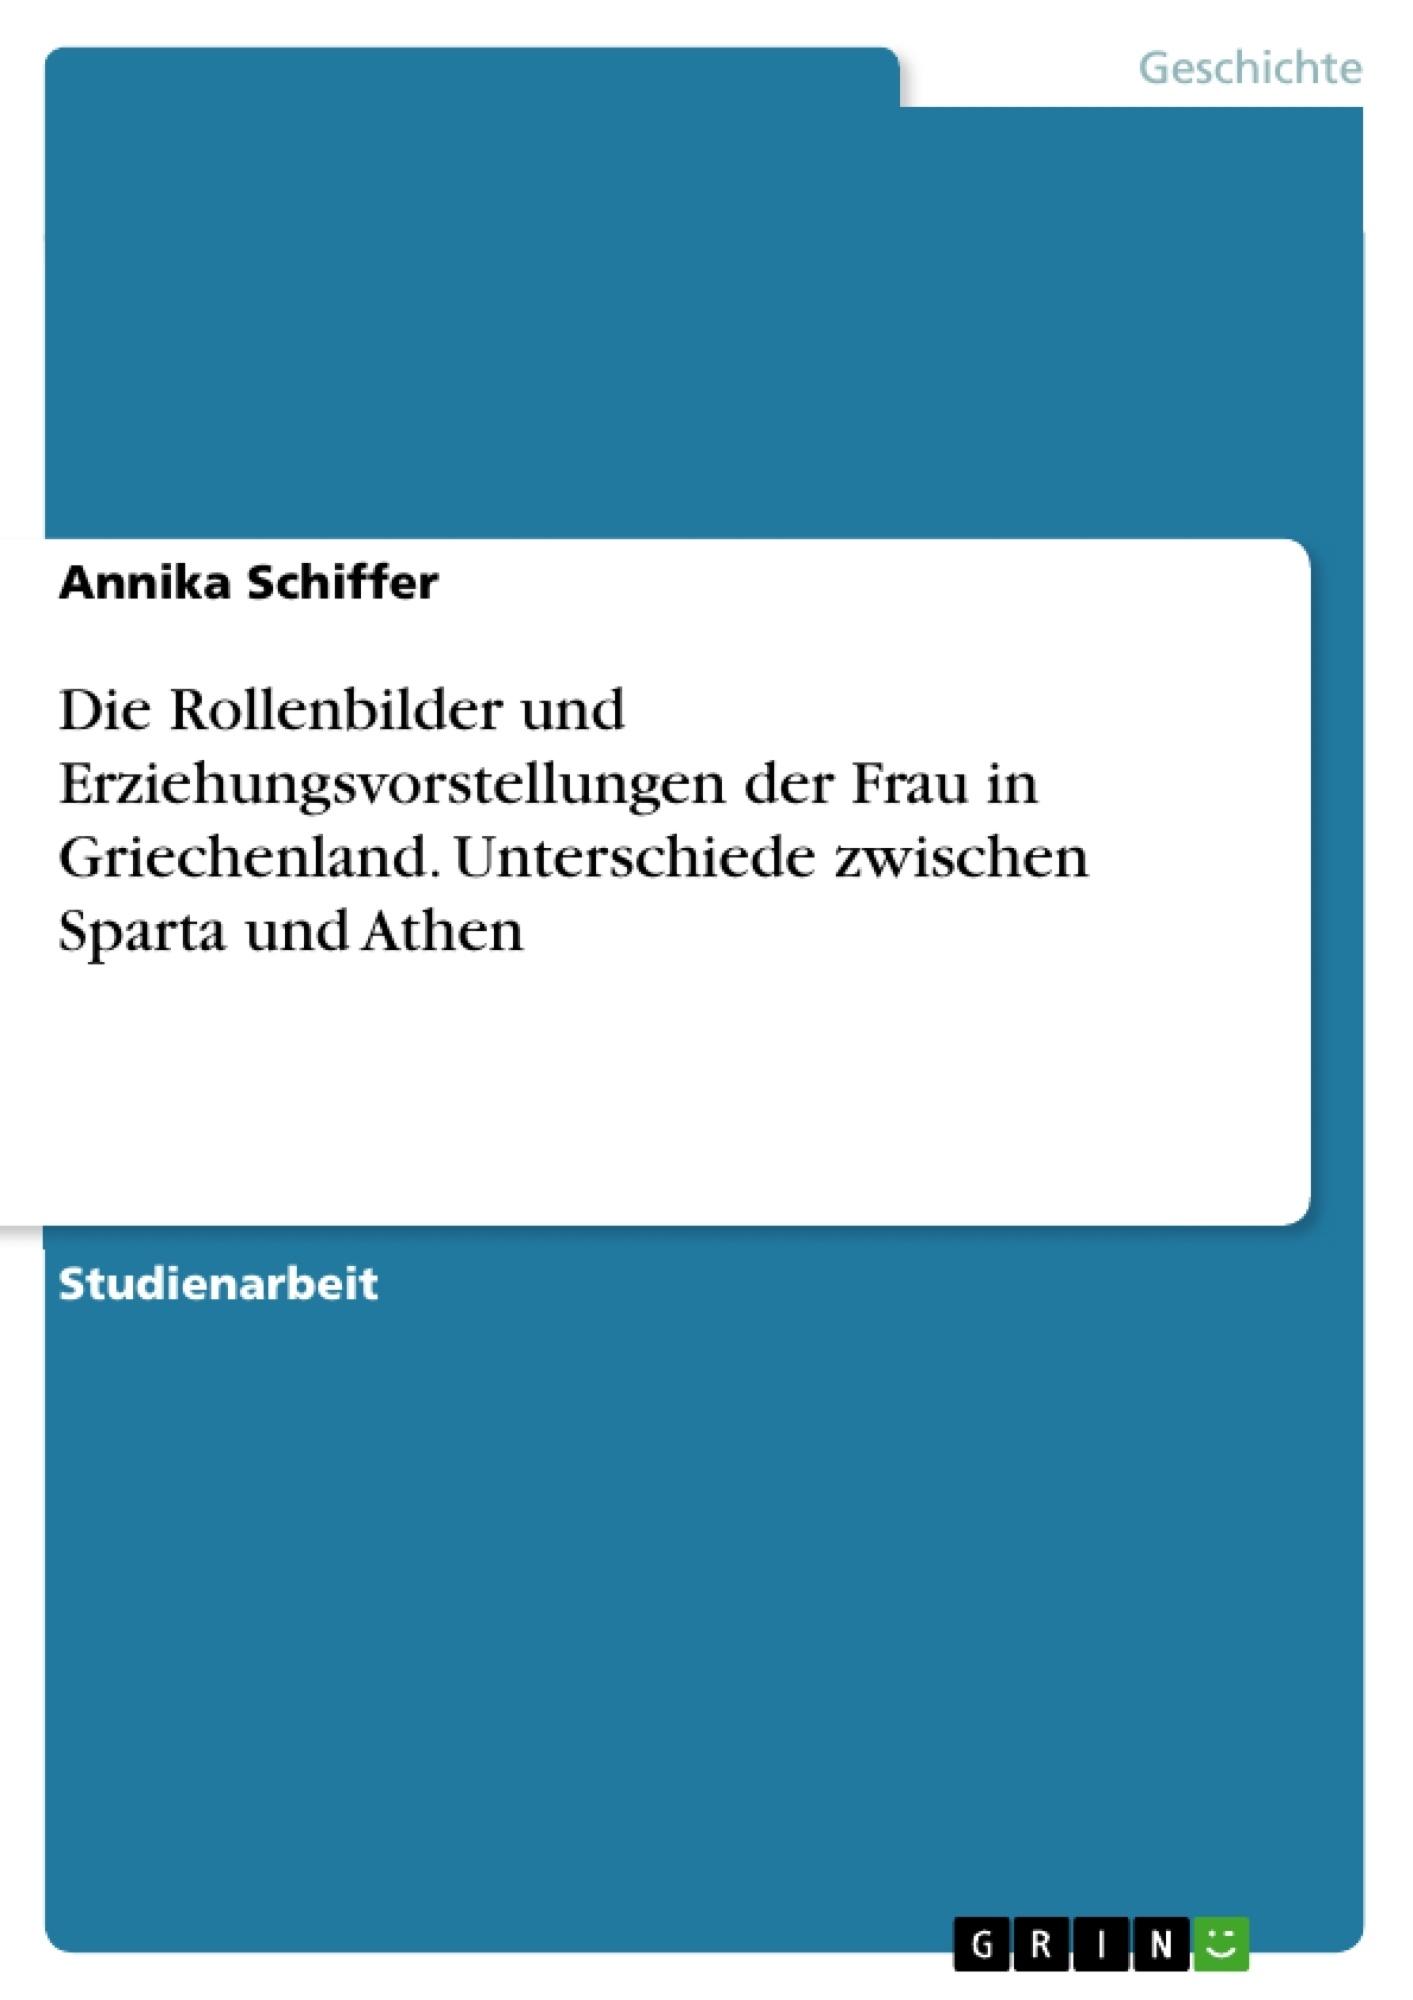 Titel: Die Rollenbilder und Erziehungsvorstellungen der Frau in Griechenland. Unterschiede zwischen Sparta und Athen